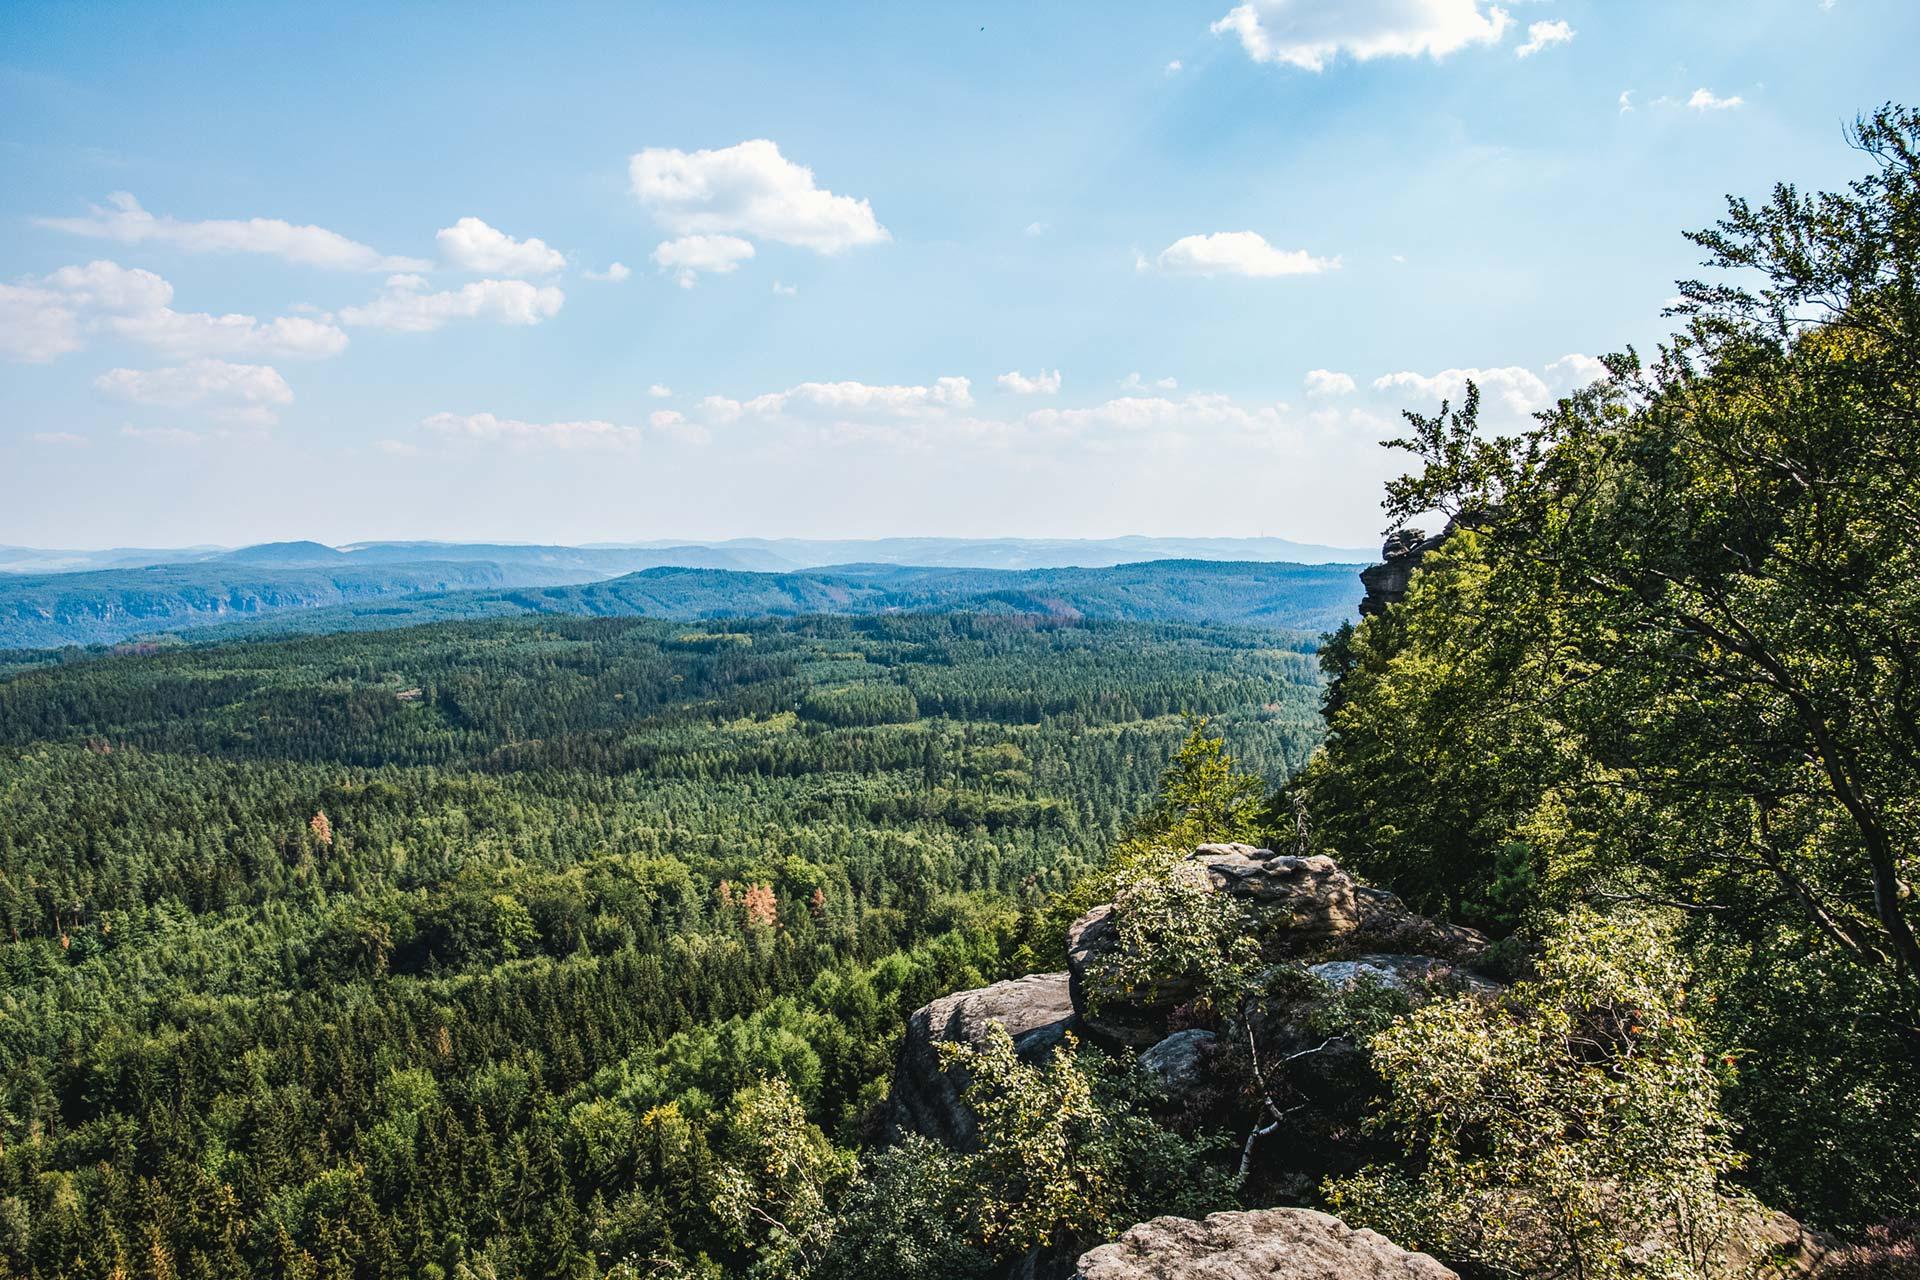 Auf dem Großen der beiden Zschirnsteine gibt es einen fantastischen Blick ins Hinterland der Sächsischen Schweiz. Ganz ohne touristischen Trouble.